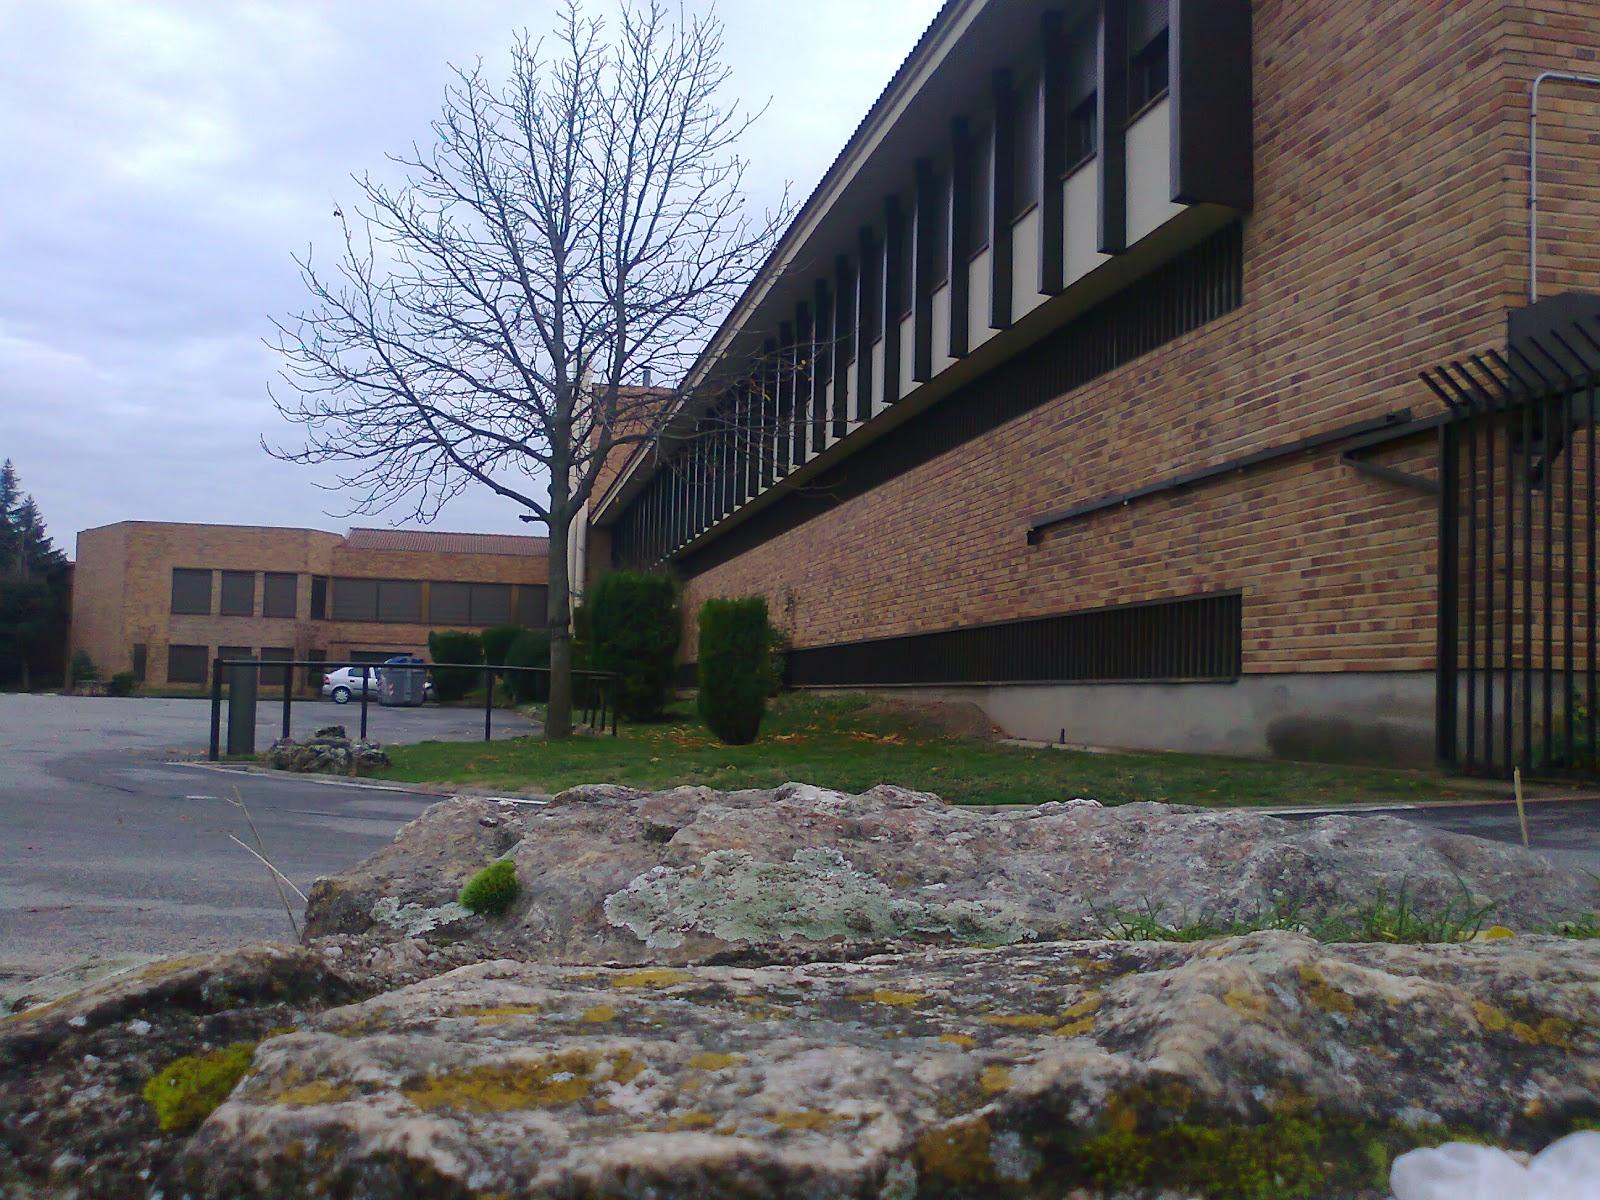 Colegio los maristas segovia sf23 arquitectos - Arquitectos en segovia ...